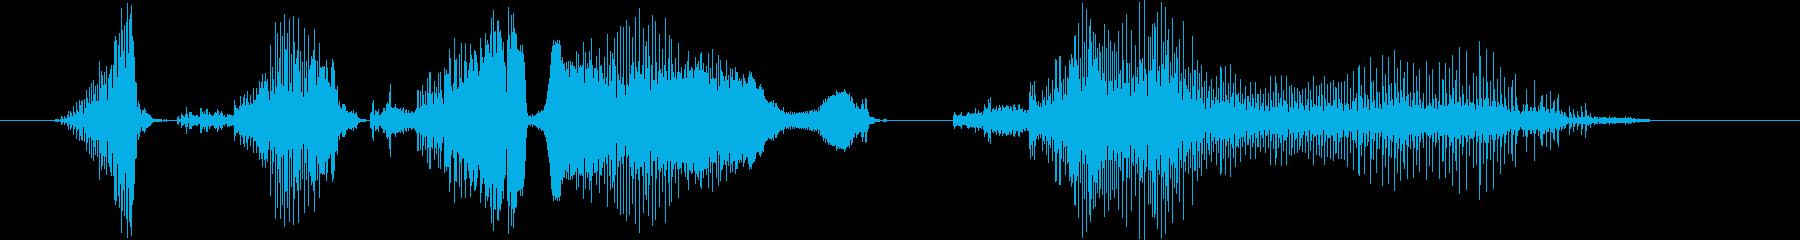 ここで一句(long ver.)の再生済みの波形